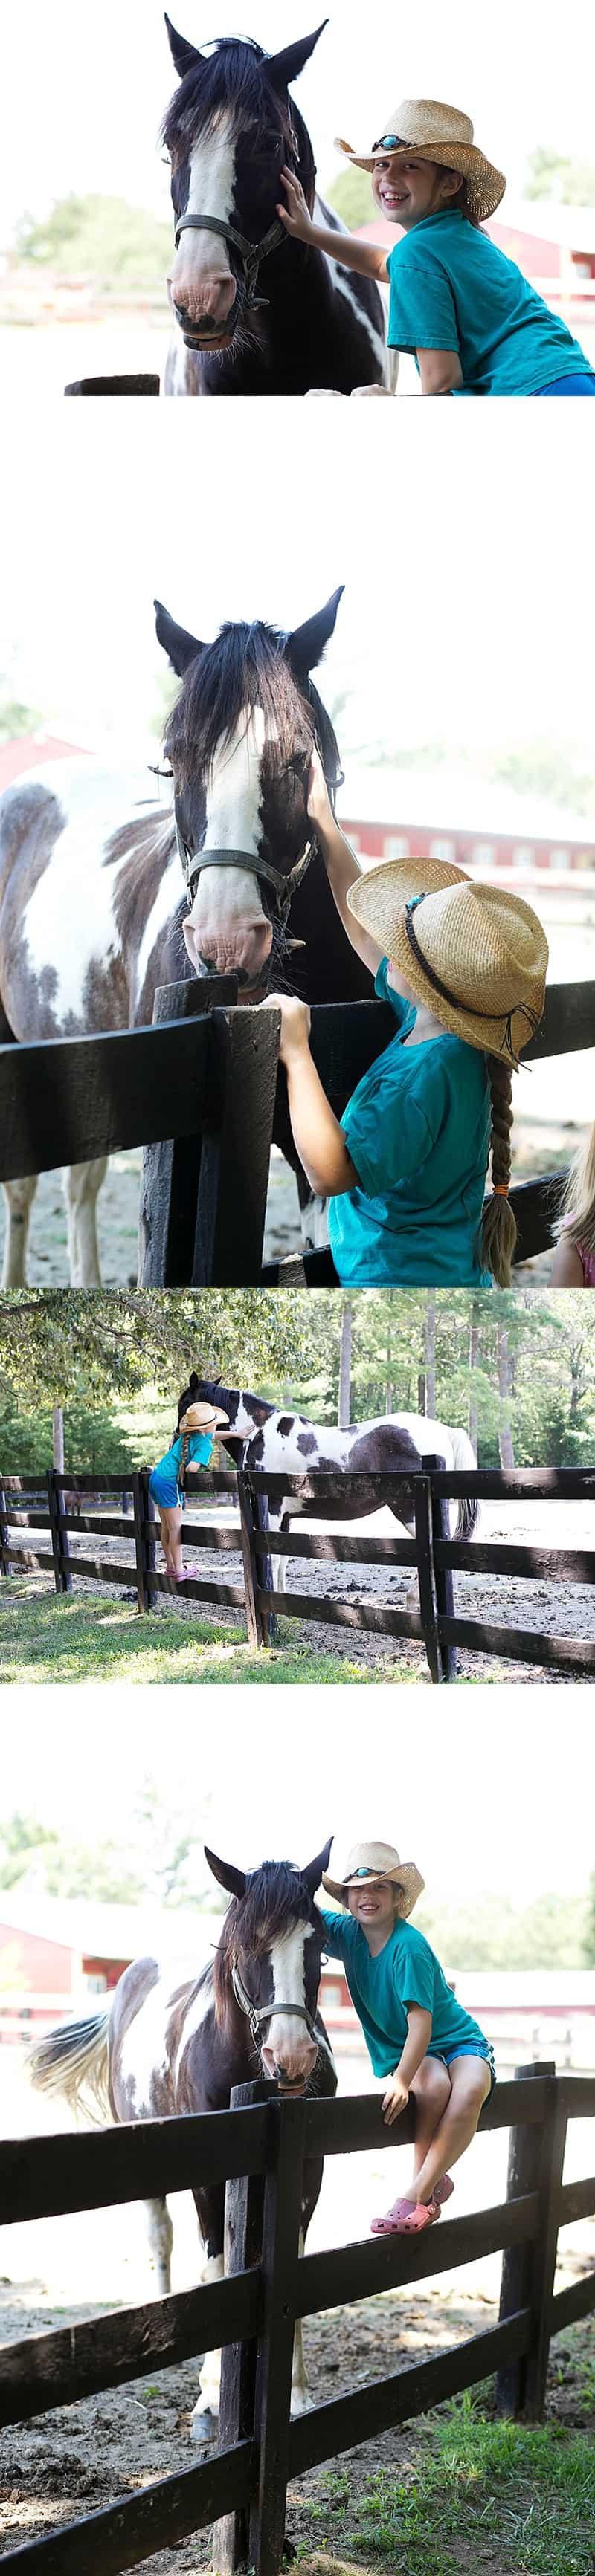 Rebekah's horses in Charlottesville